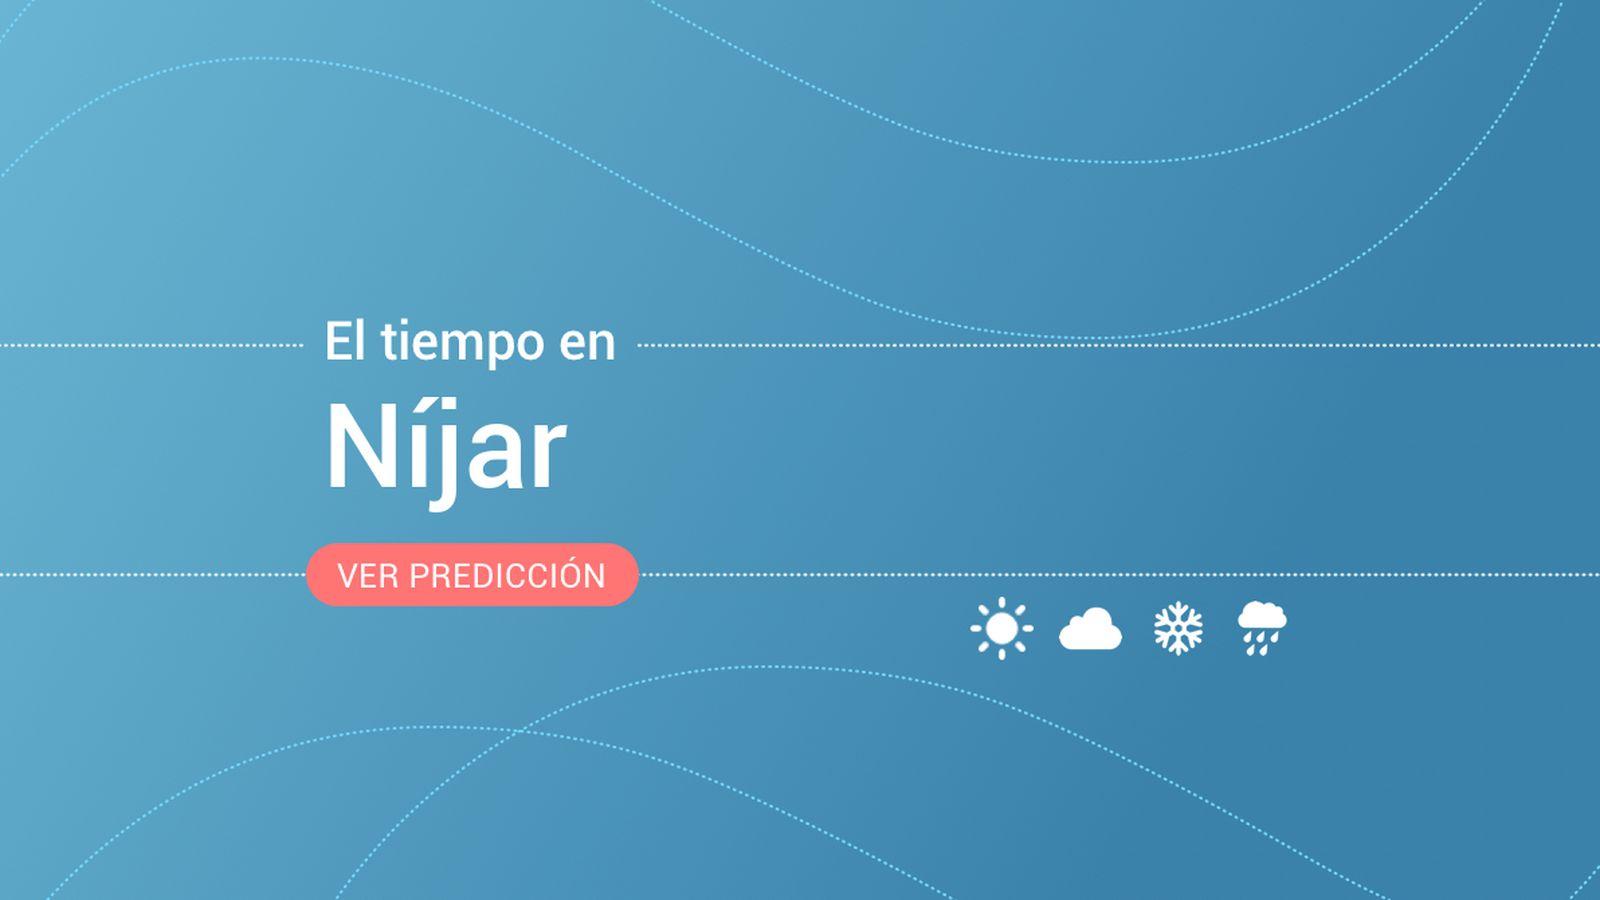 Foto: El tiempo en Níjar. (EC)